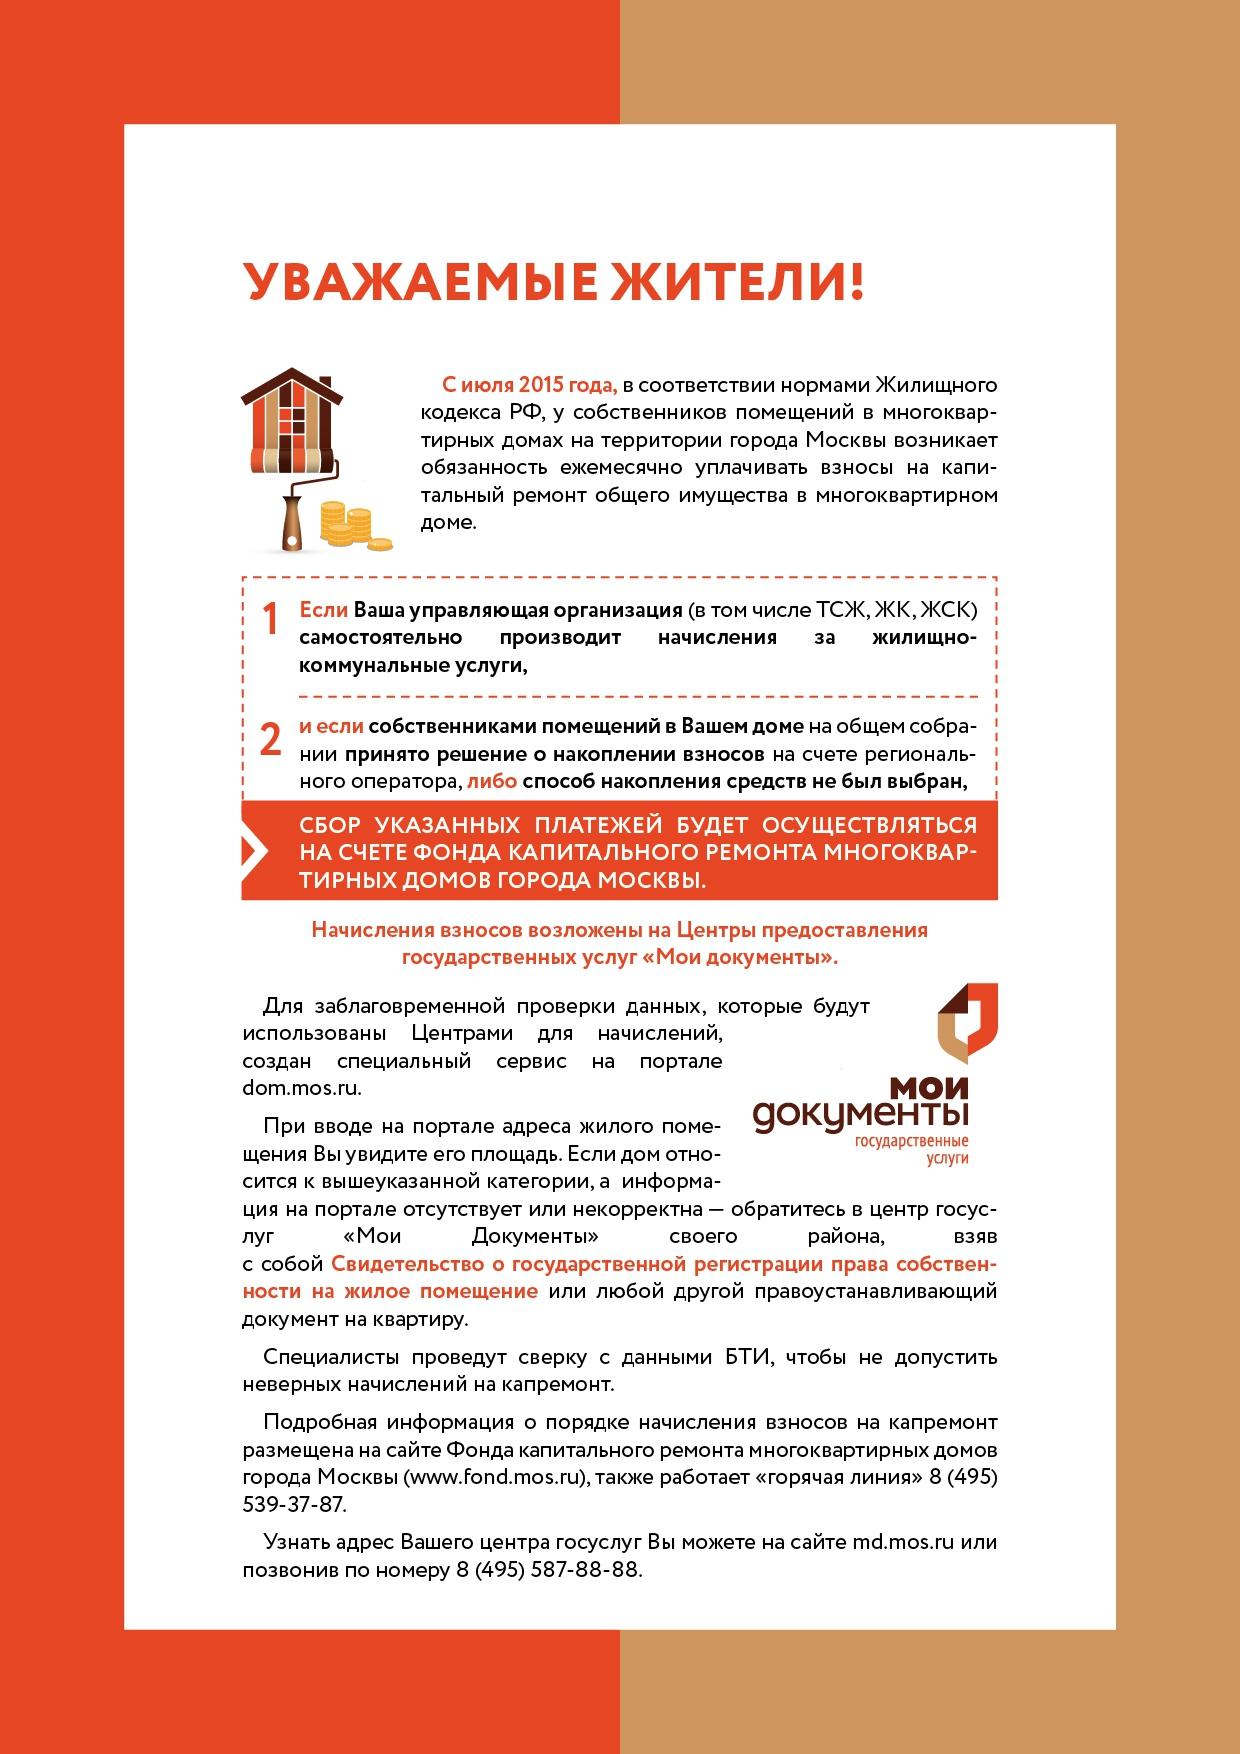 15-06-02_mfc_objyavlenie_kap-remont_4-01